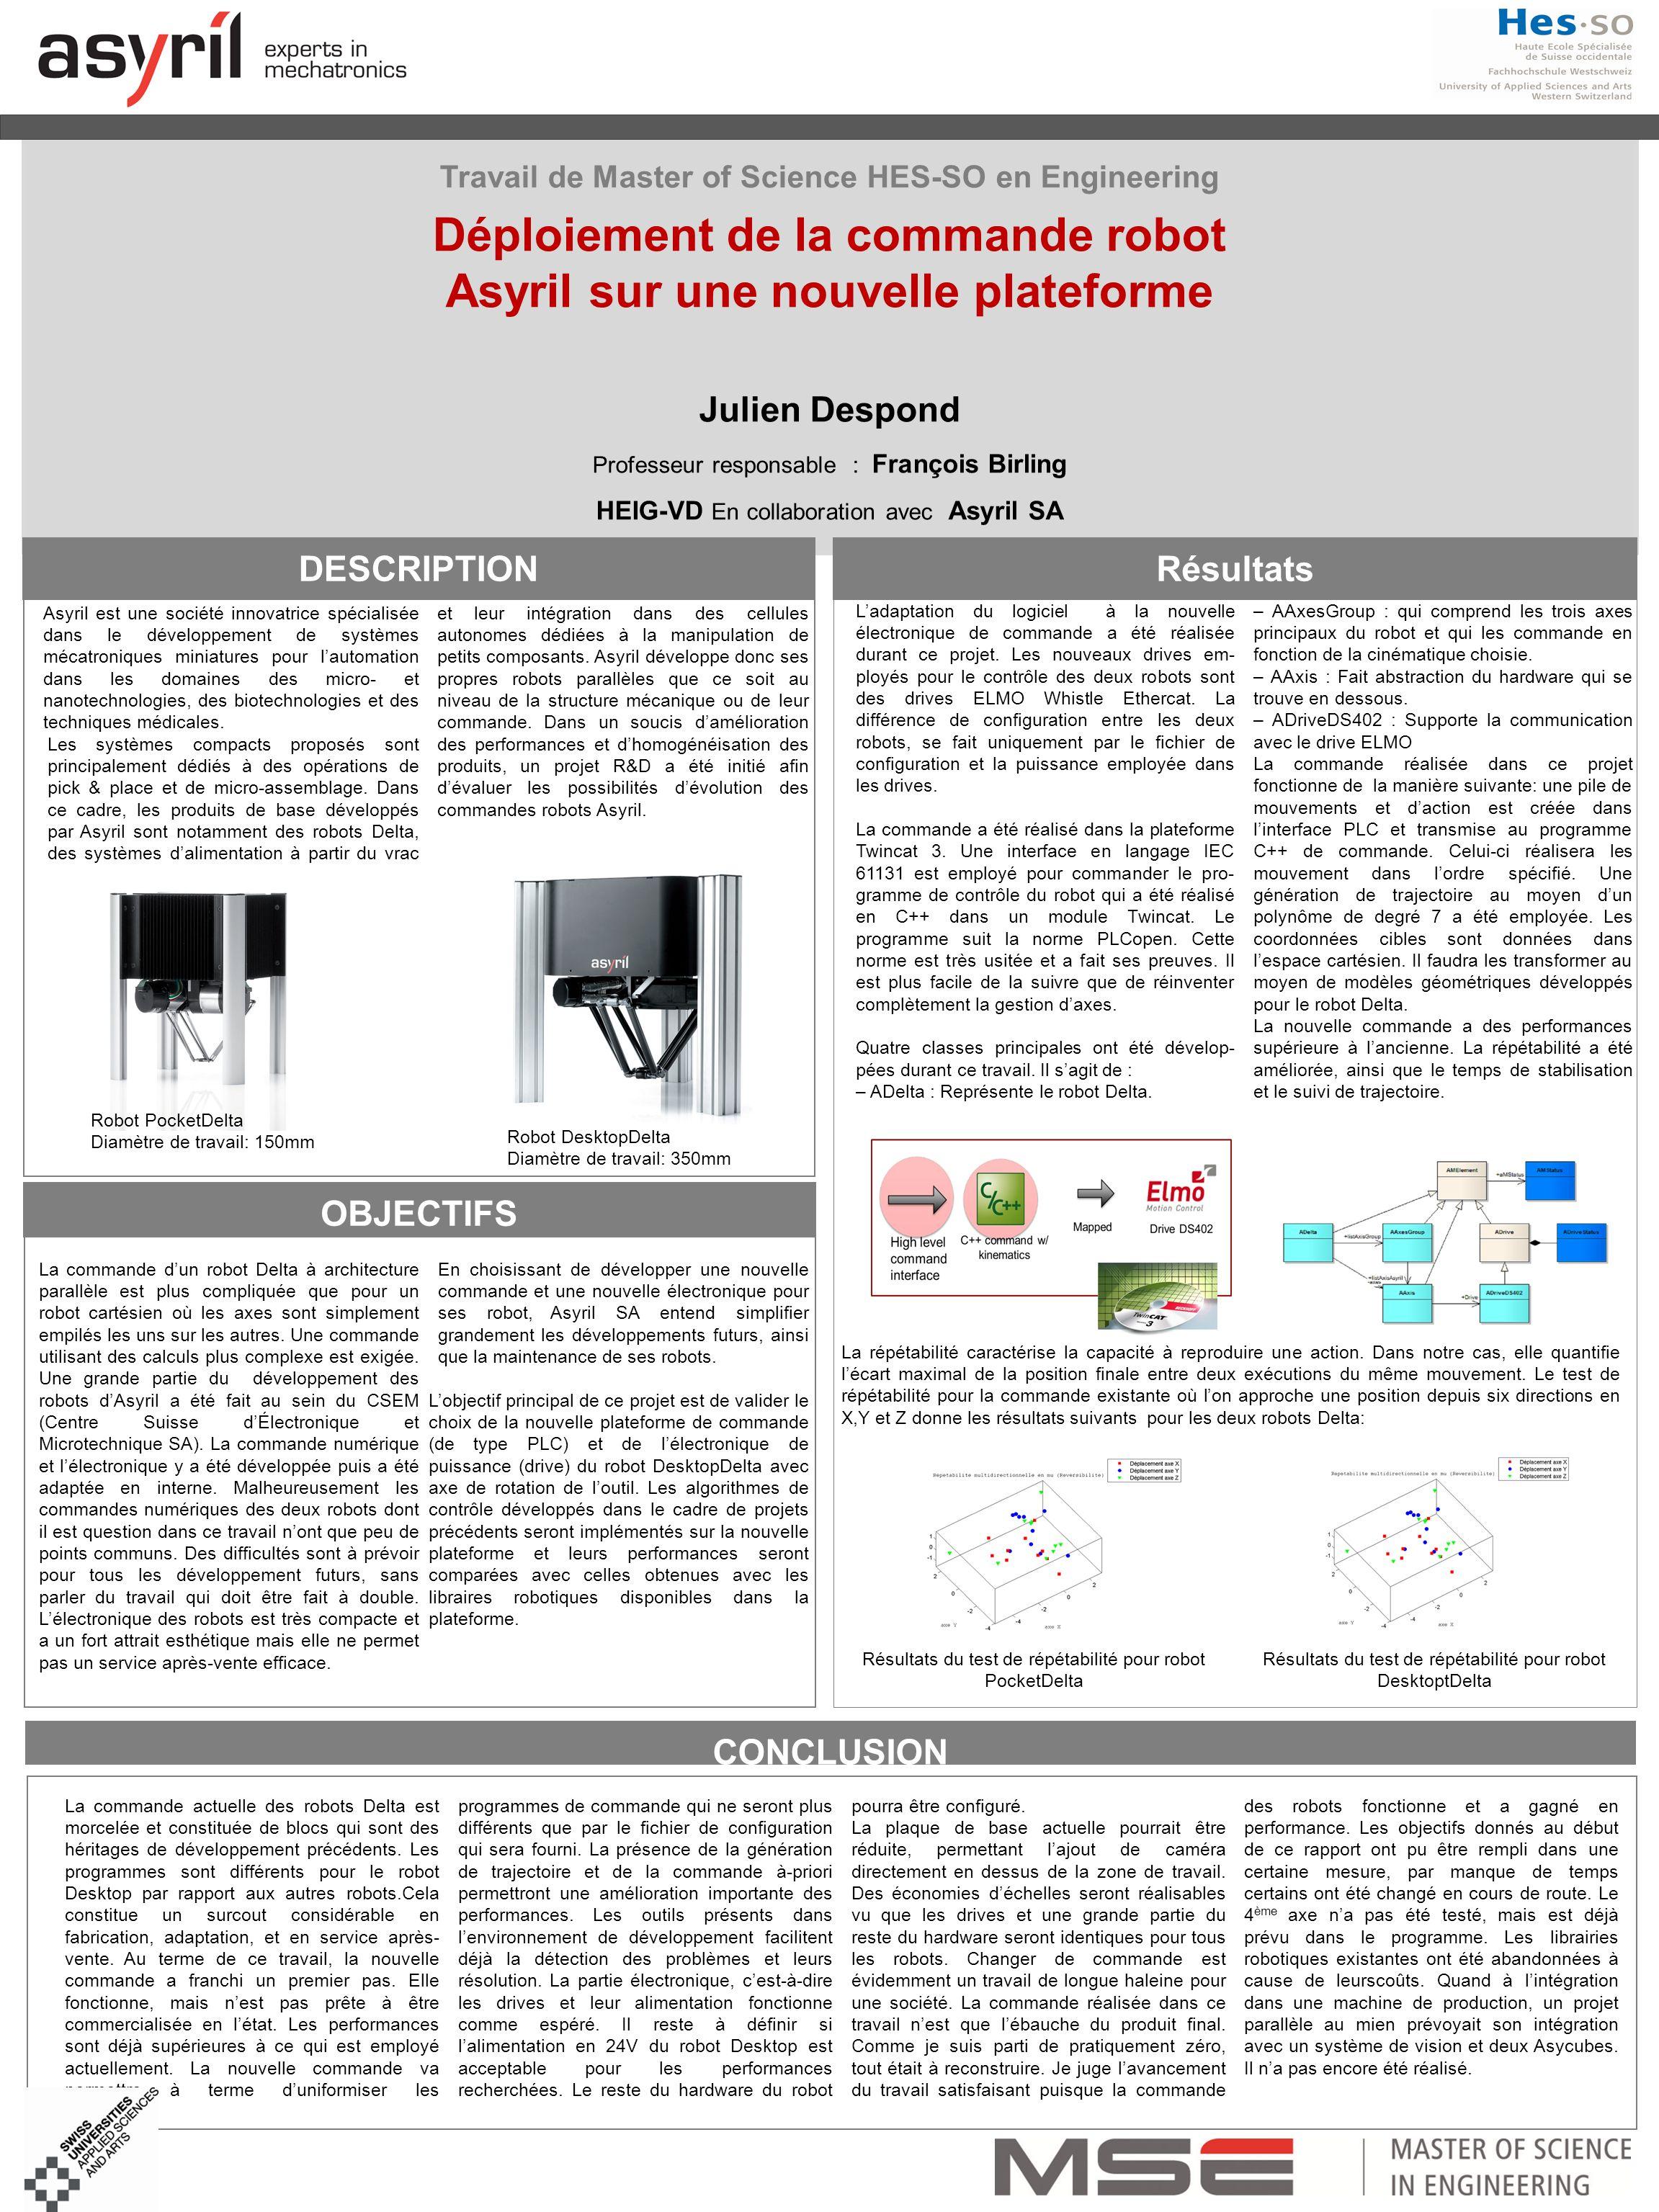 Résultats du test de répétabilité pour robot PocketDelta Résultats du test de répétabilité pour robot DesktoptDelta Travail de Master of Science HES-S